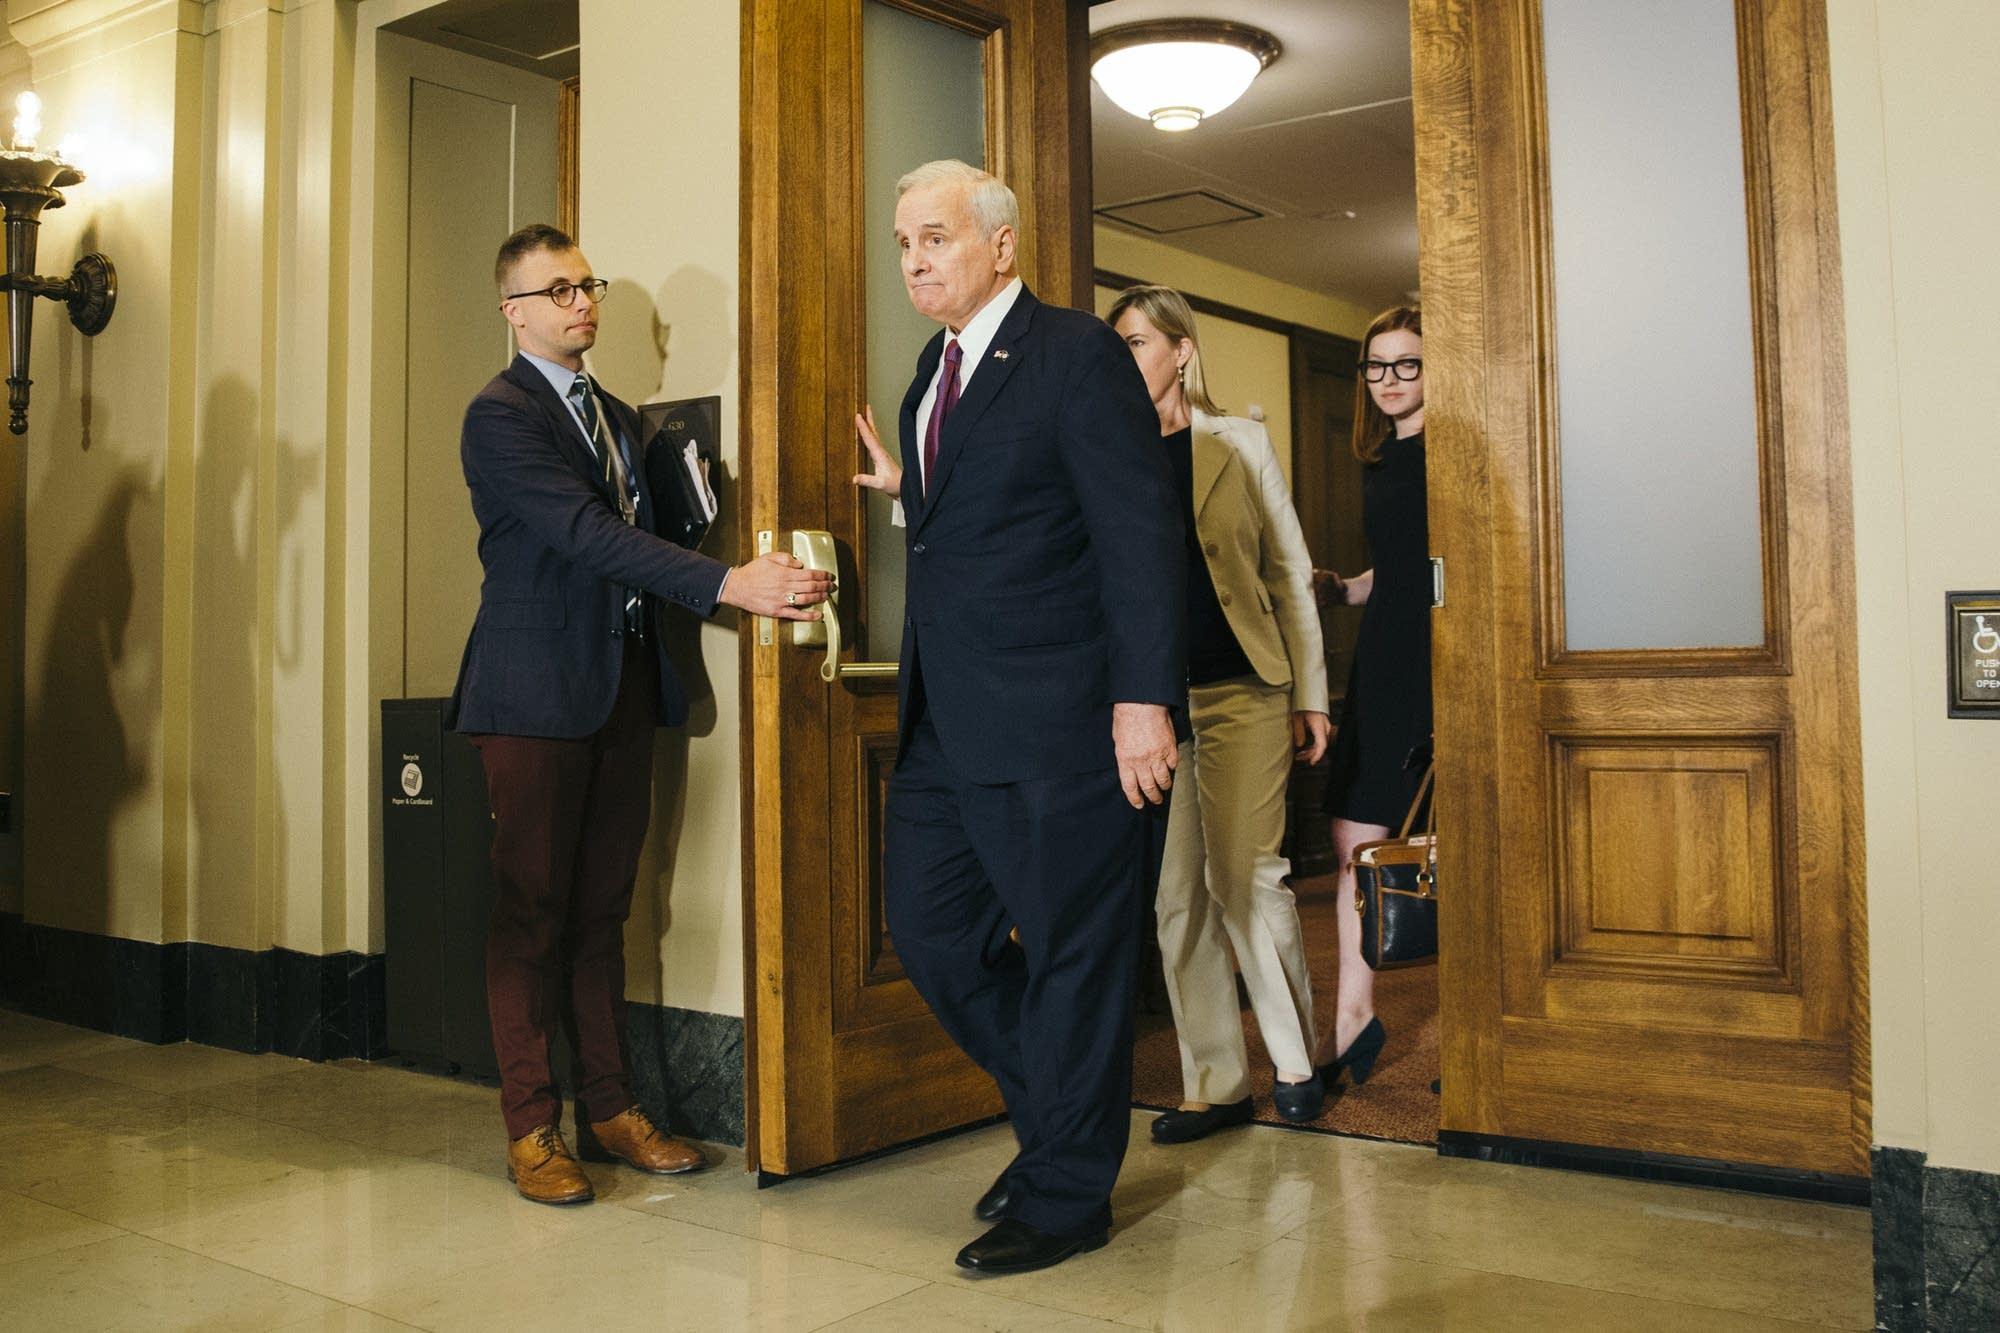 DFL Gov. Mark Dayton leaves the Cabinet Room.